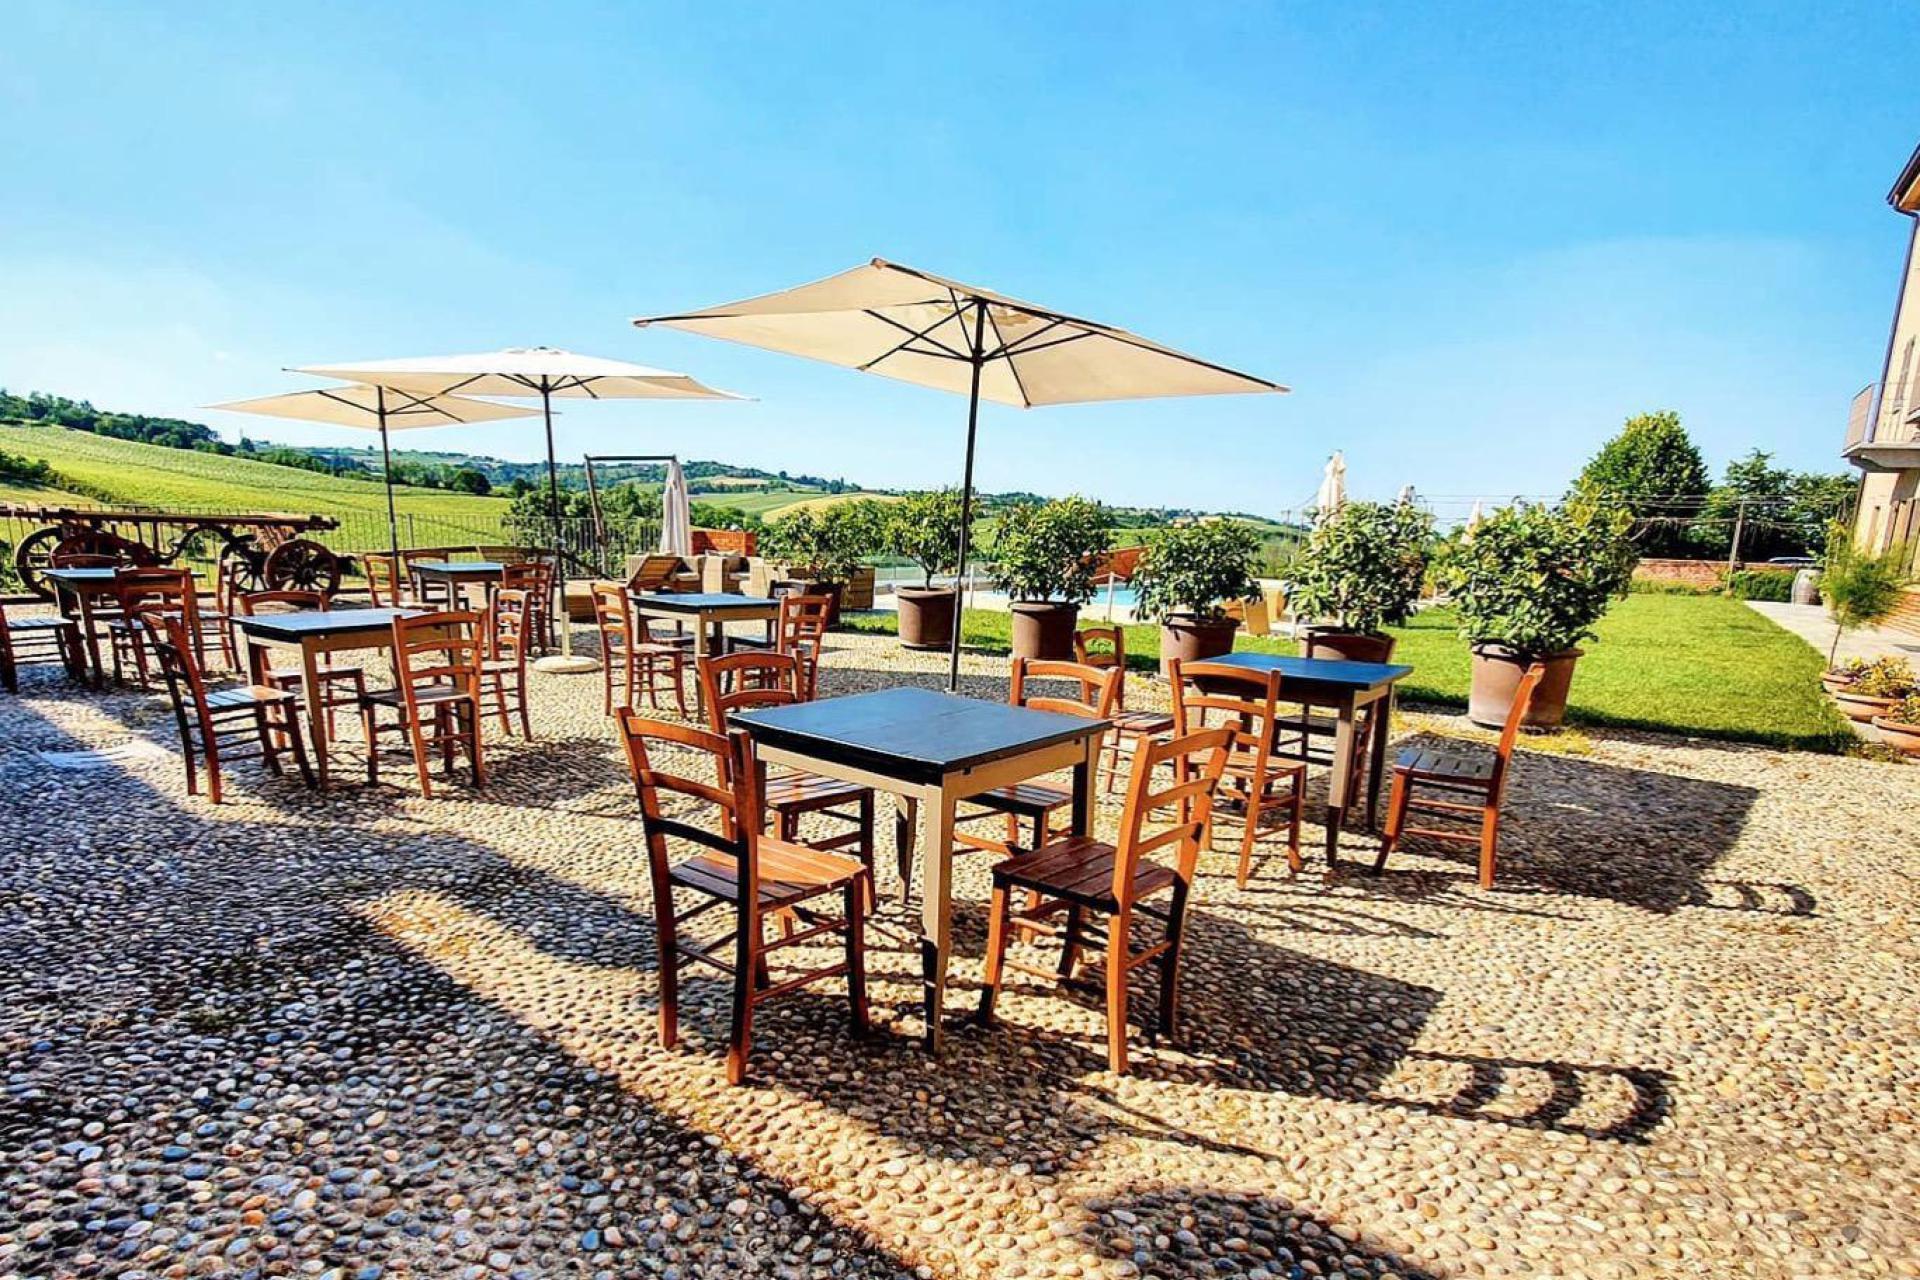 Agriturismo Piemont Agriturismo Piemont, großartige Weine und tolle Küche